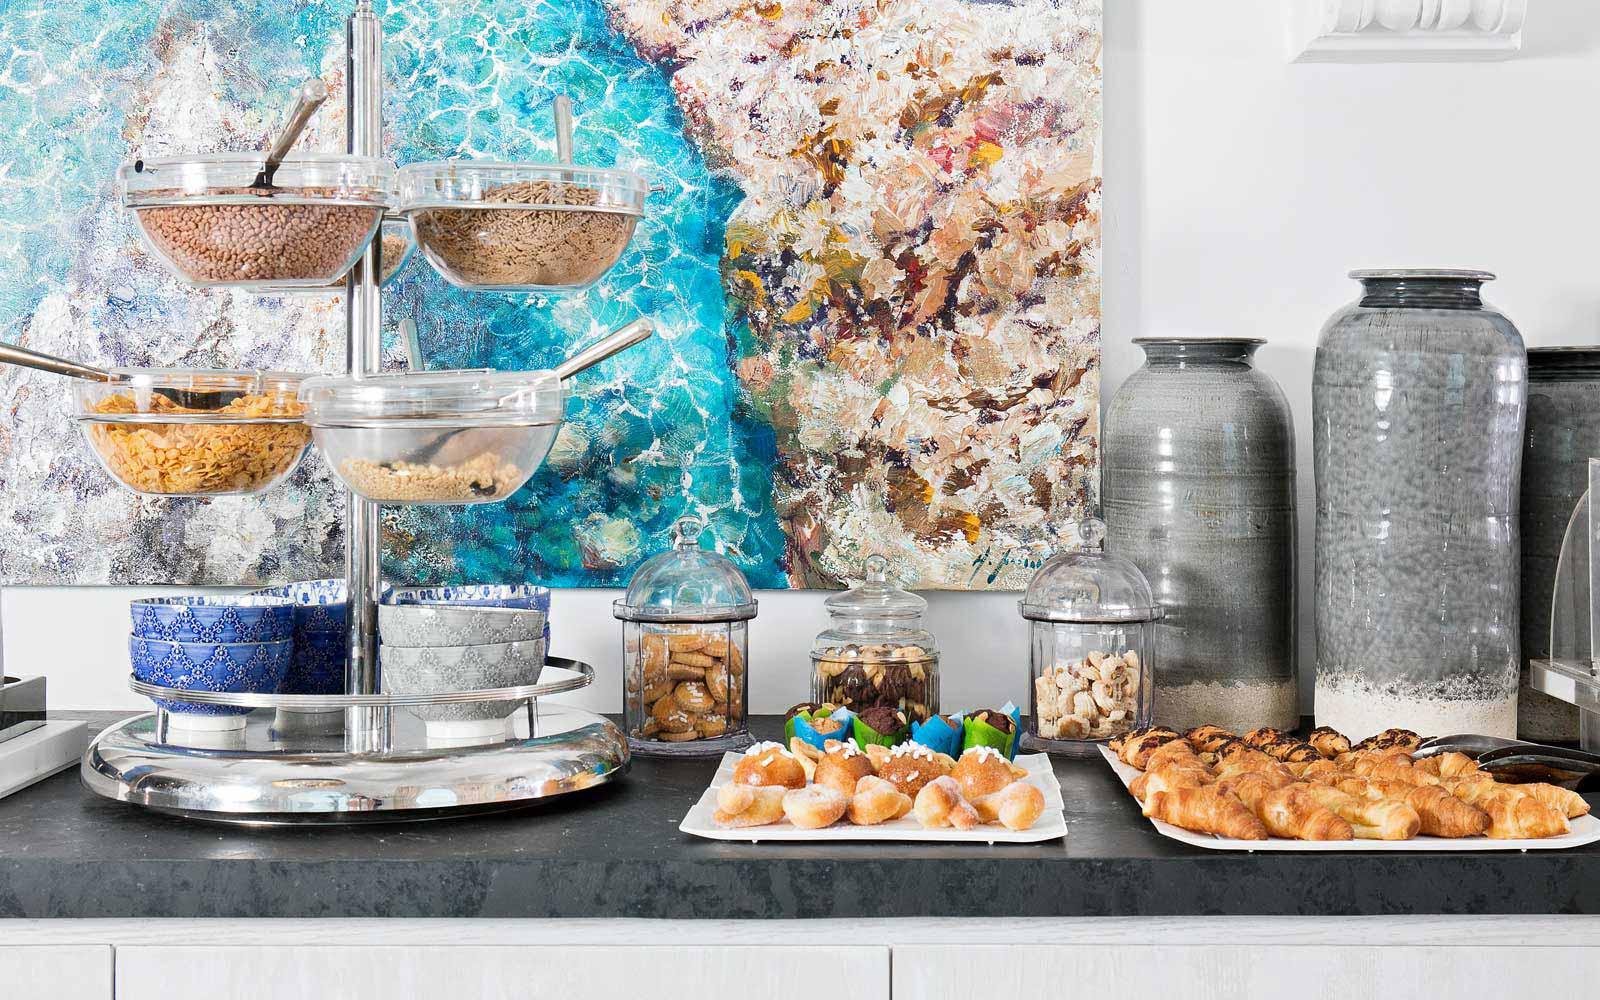 Breakfast at Hotel Villa Franca